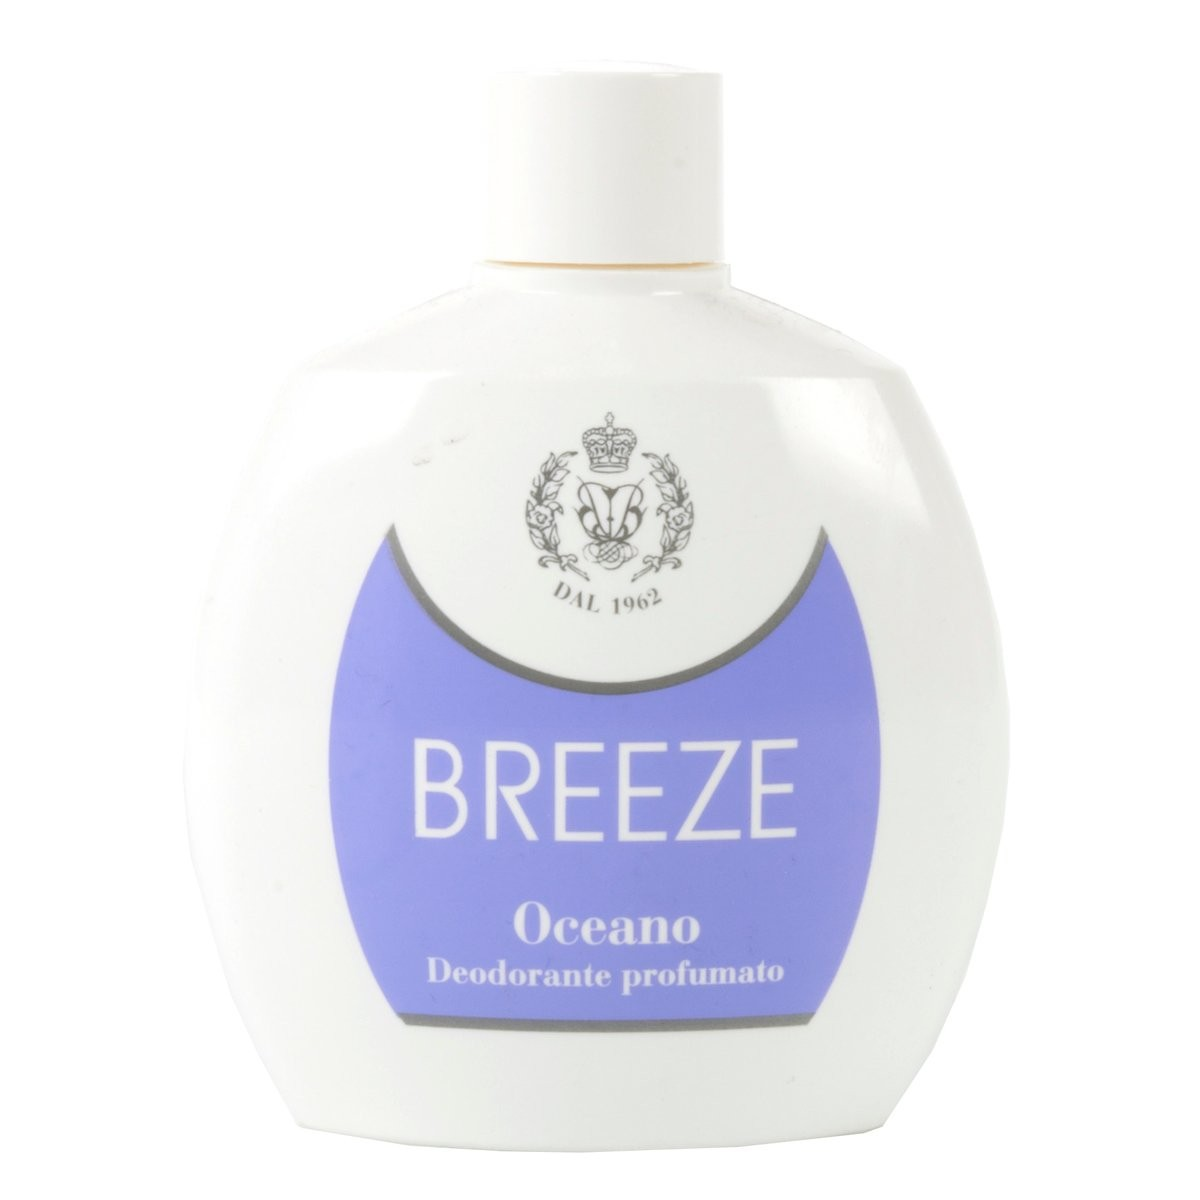 Breeze Deodorante squeeze Oceano